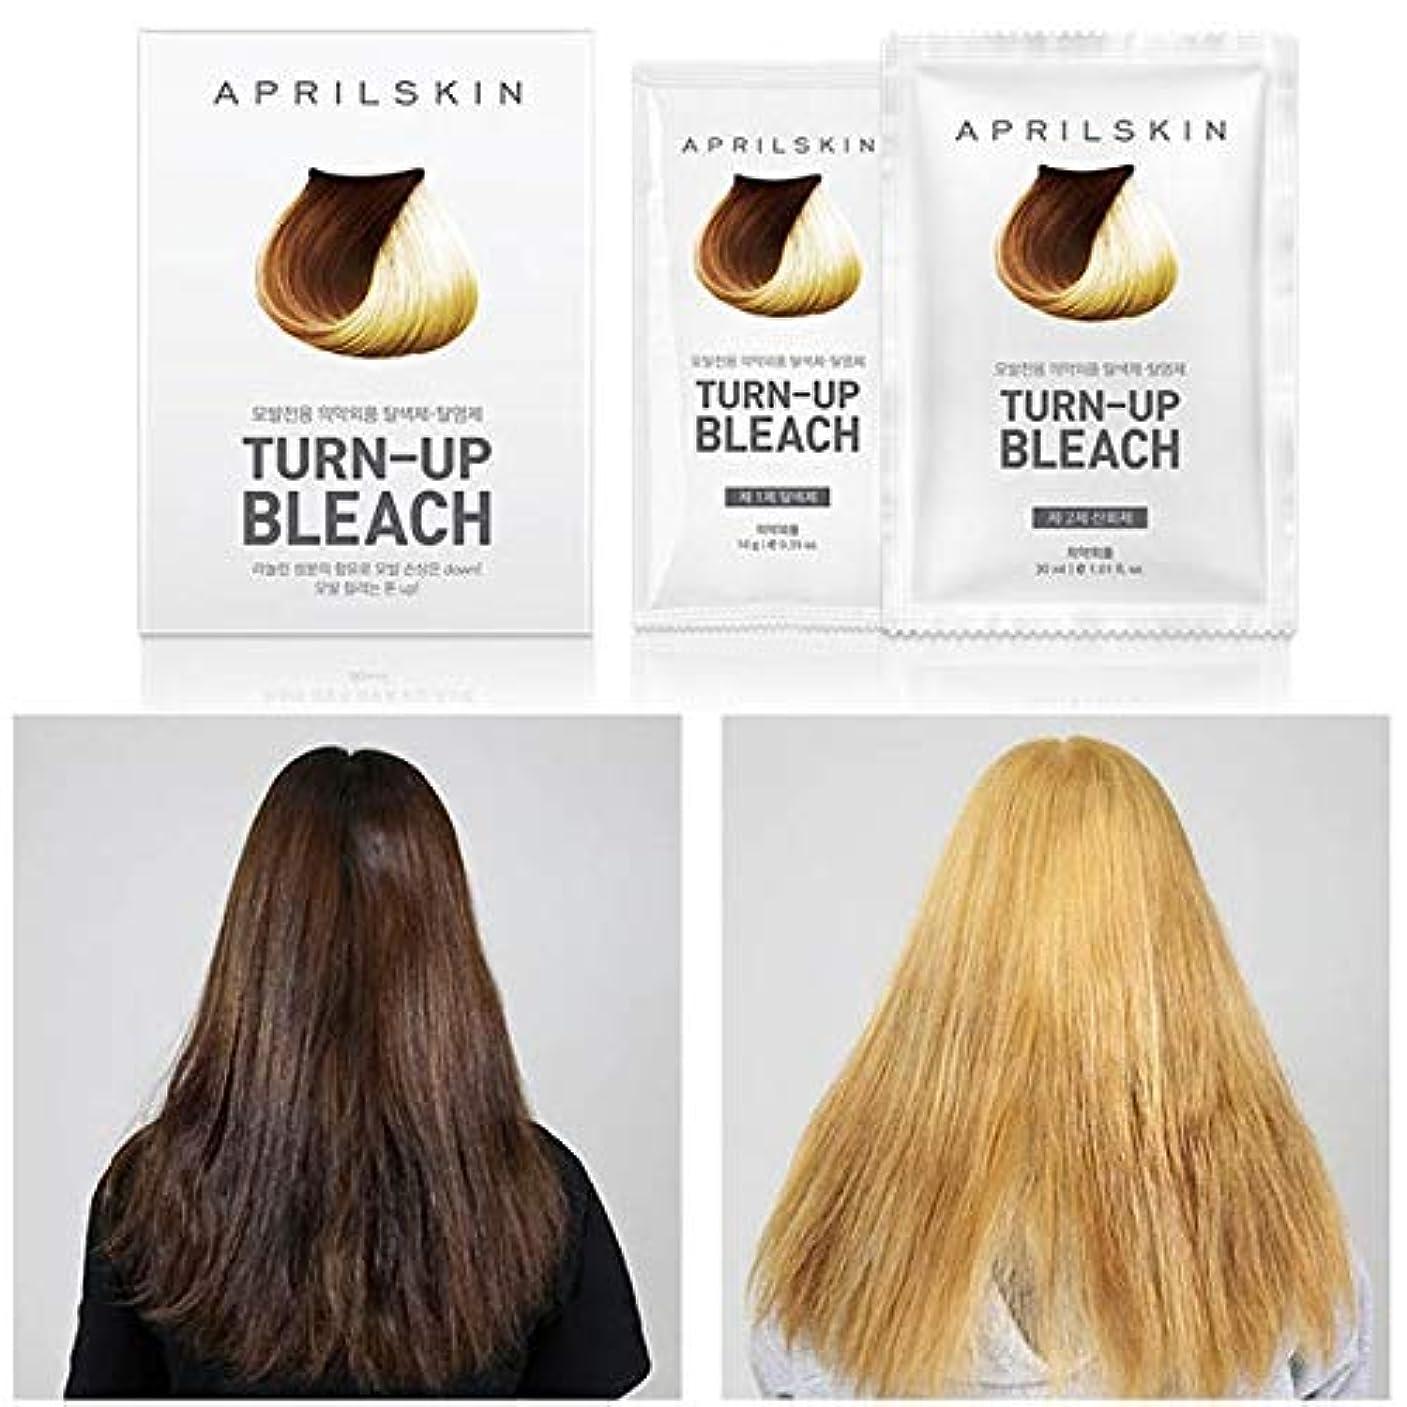 被害者鳴らすブレースエープリル?スキン [韓国コスメ April Skin] 漂白ブリーチ(ヘアブリーチ)Turn Up Bleach (Hair Bleach)/Korea Cosmetics